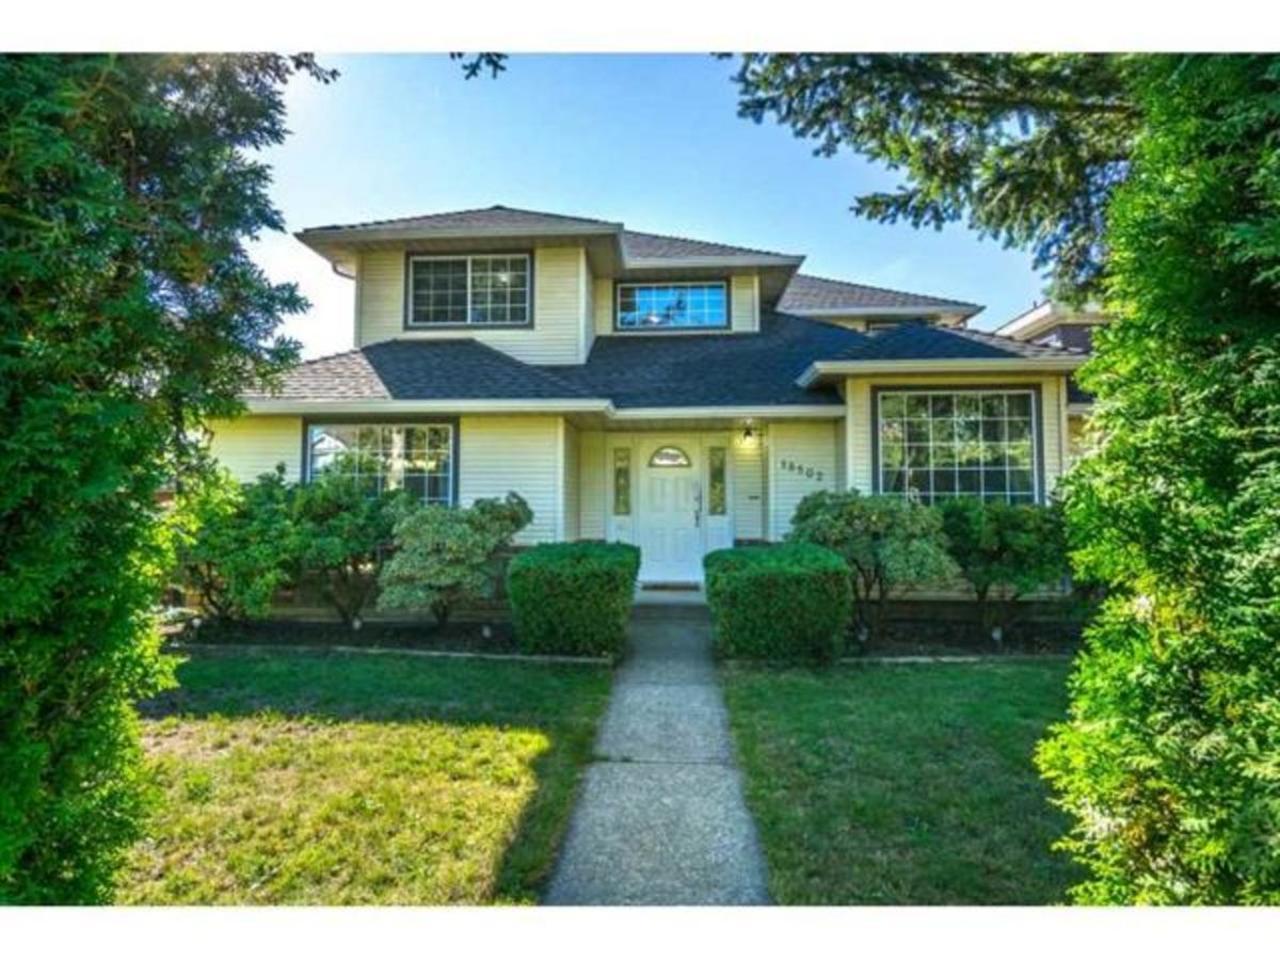 18502 64 Avenue, Cloverdale BC, Cloverdale